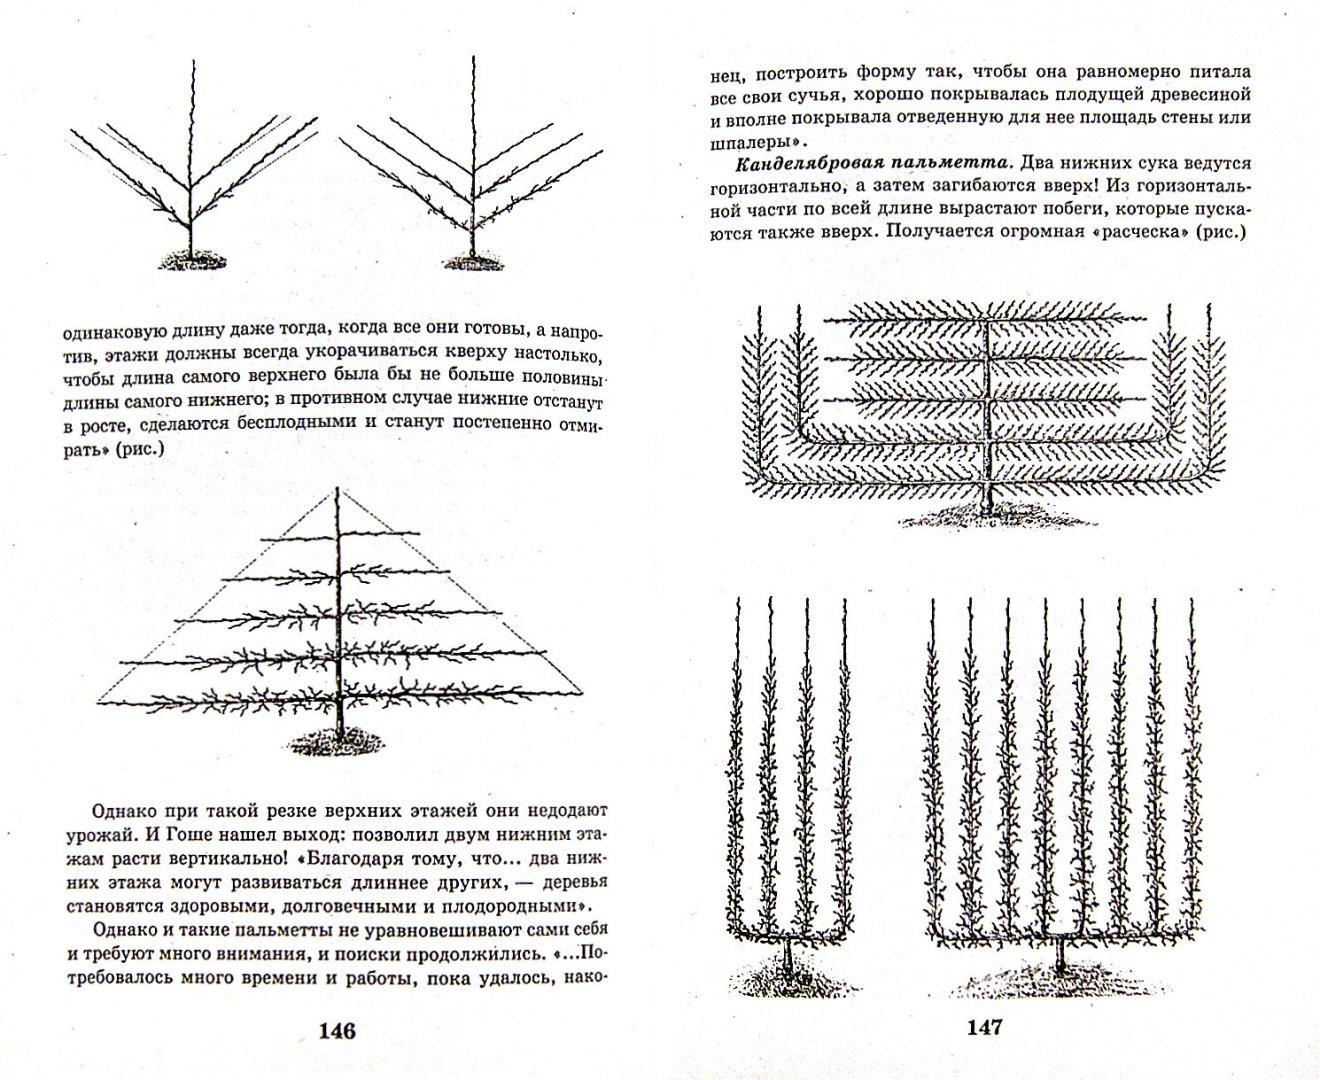 Иллюстрация 1 из 7 для Умный сад в подробностях - Николай Курдюмов | Лабиринт - книги. Источник: Лабиринт